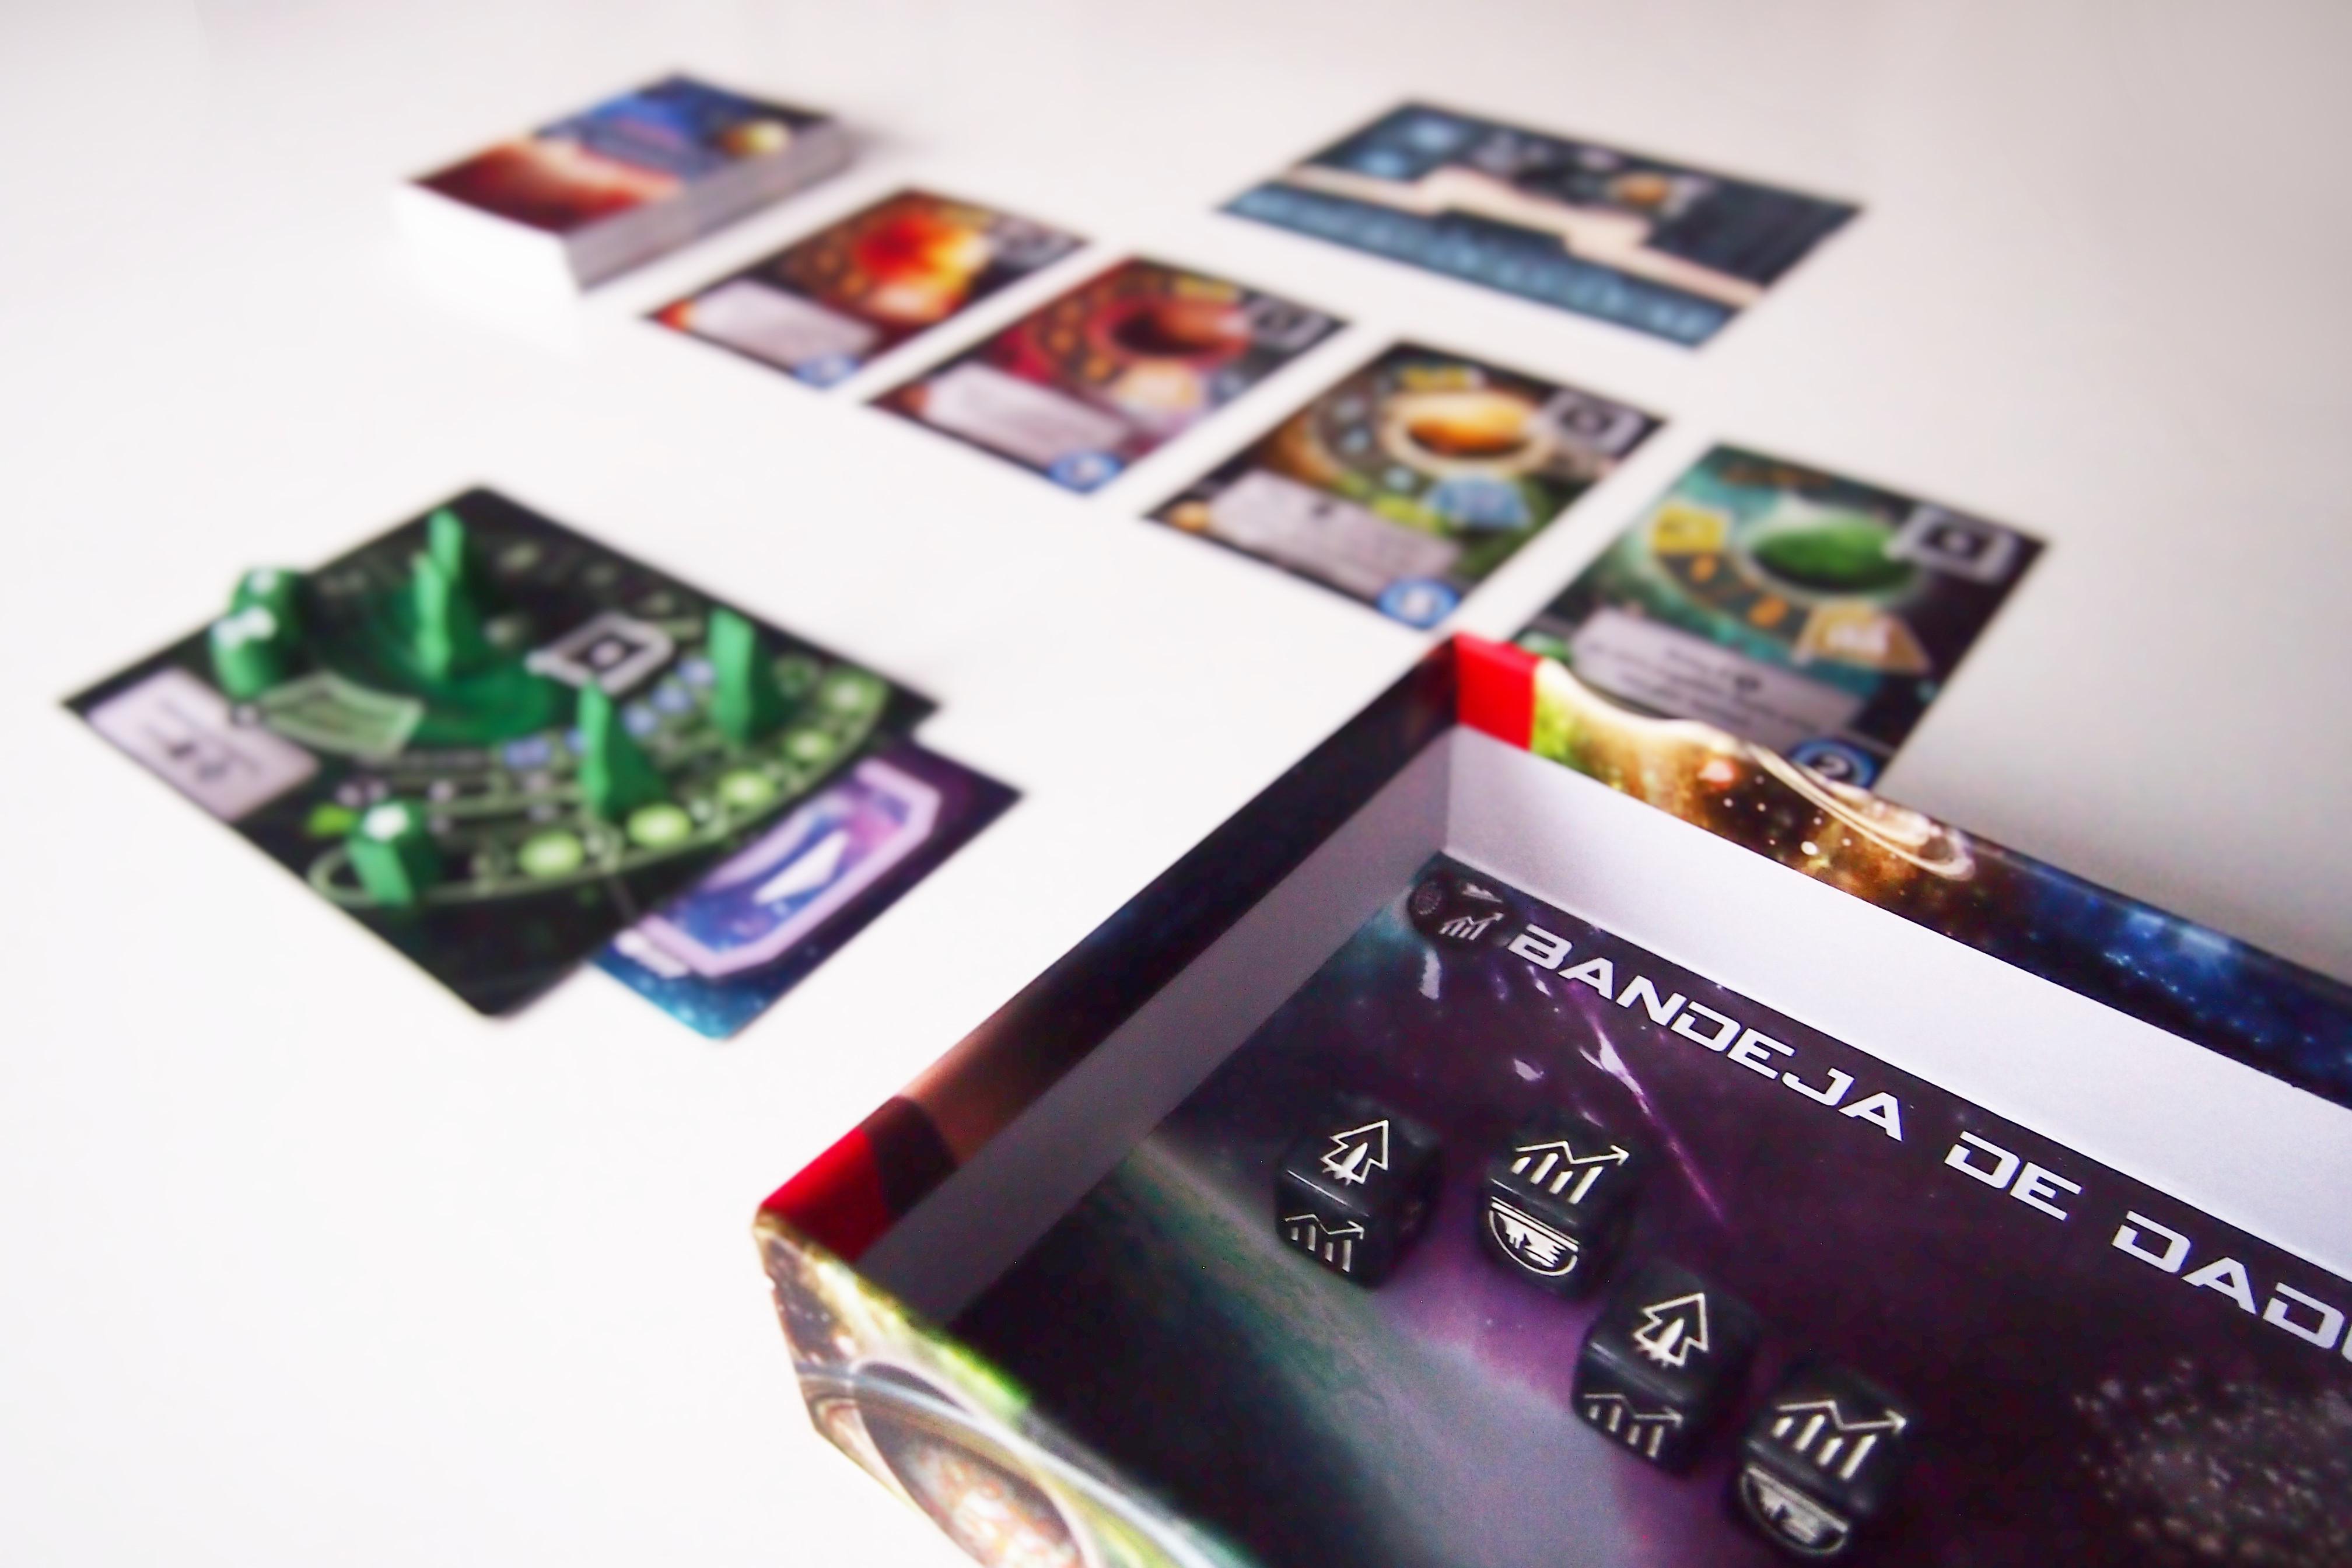 En su turno, cada jugador lanzará tantos dados como nivel posea en su marcador imperial.